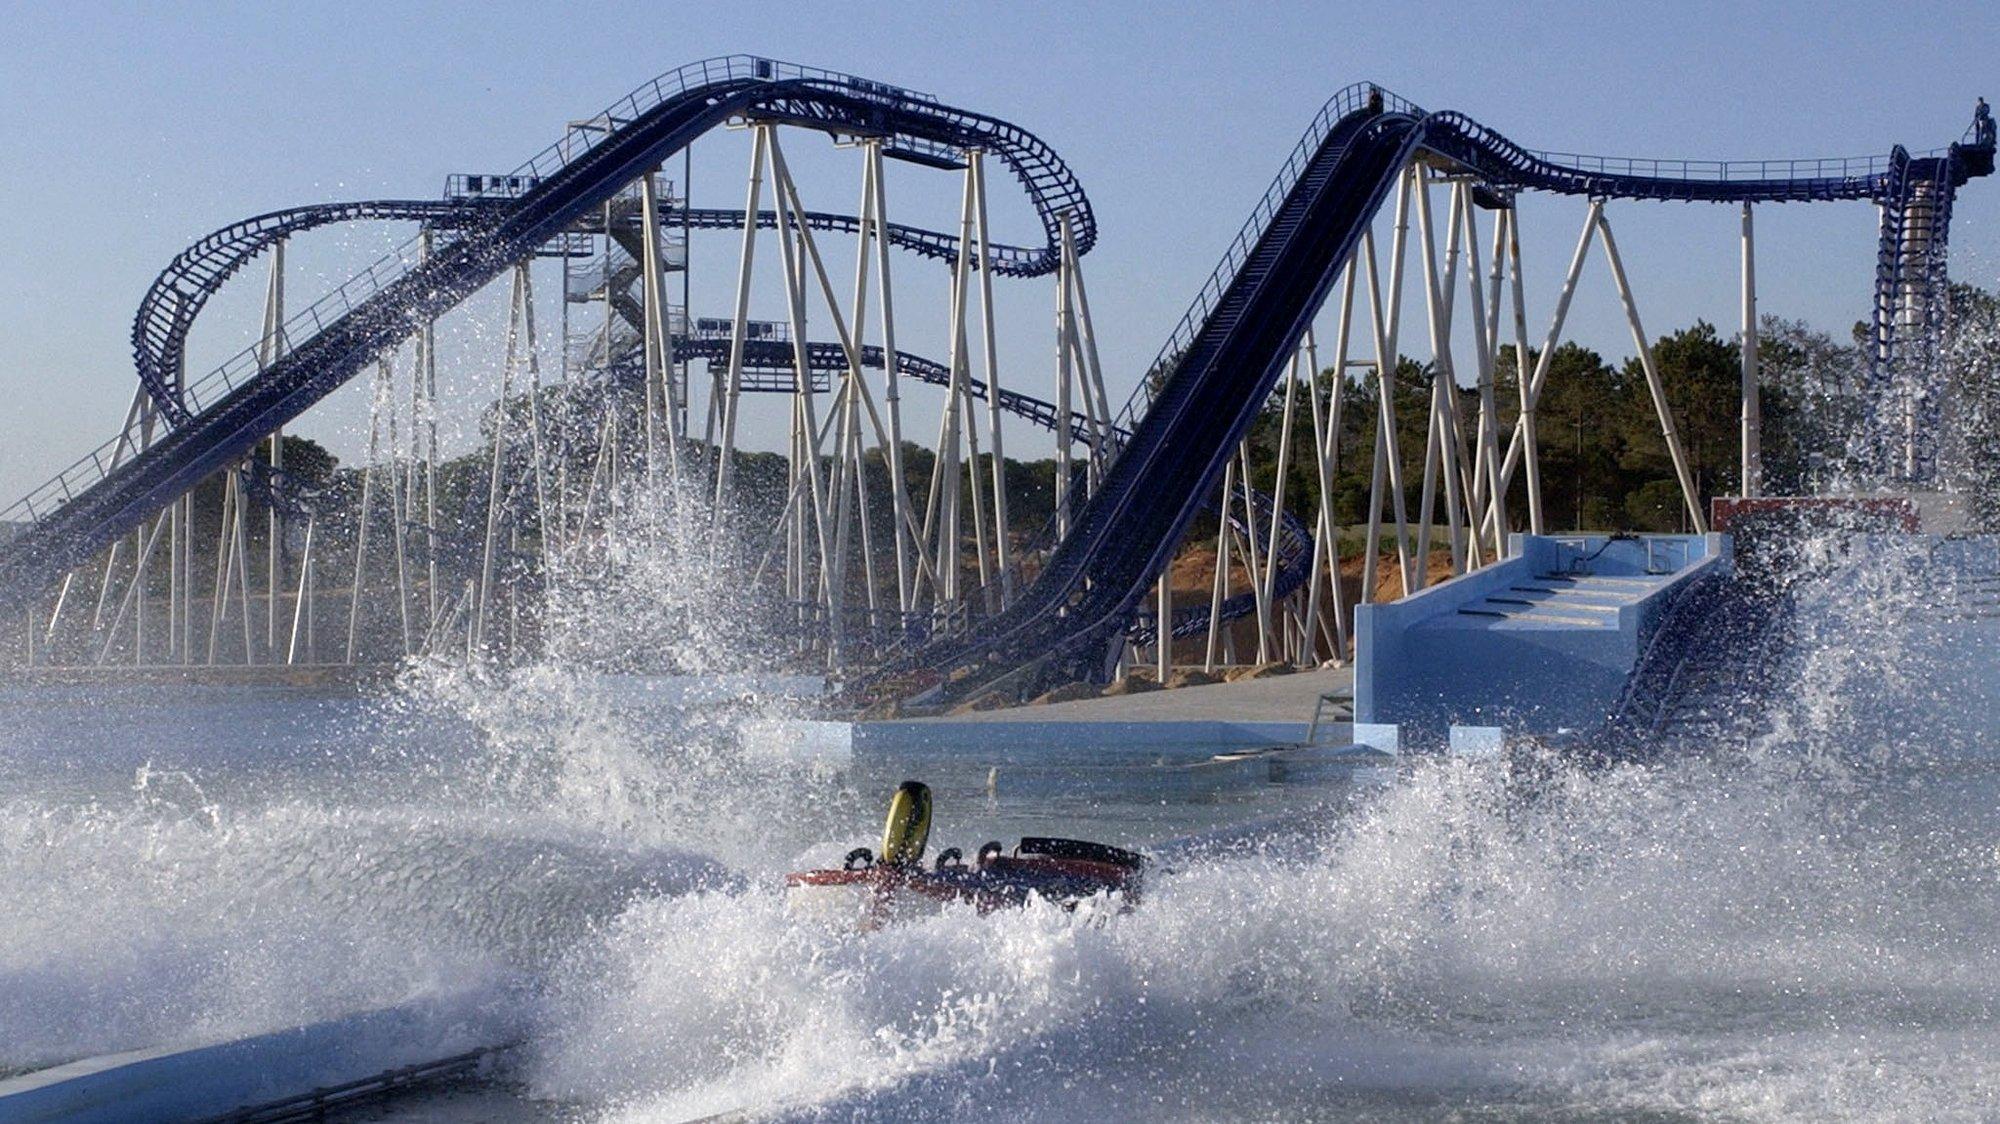 A maior montanha russa aquatica da Europa, localizada no parque aquatico Aquashow no concelho de Loule, Algarve, Quinta-feira 24 de Maio de 2006. (ACOMPANHA TEXTO). LUIS FORRA / LUSA